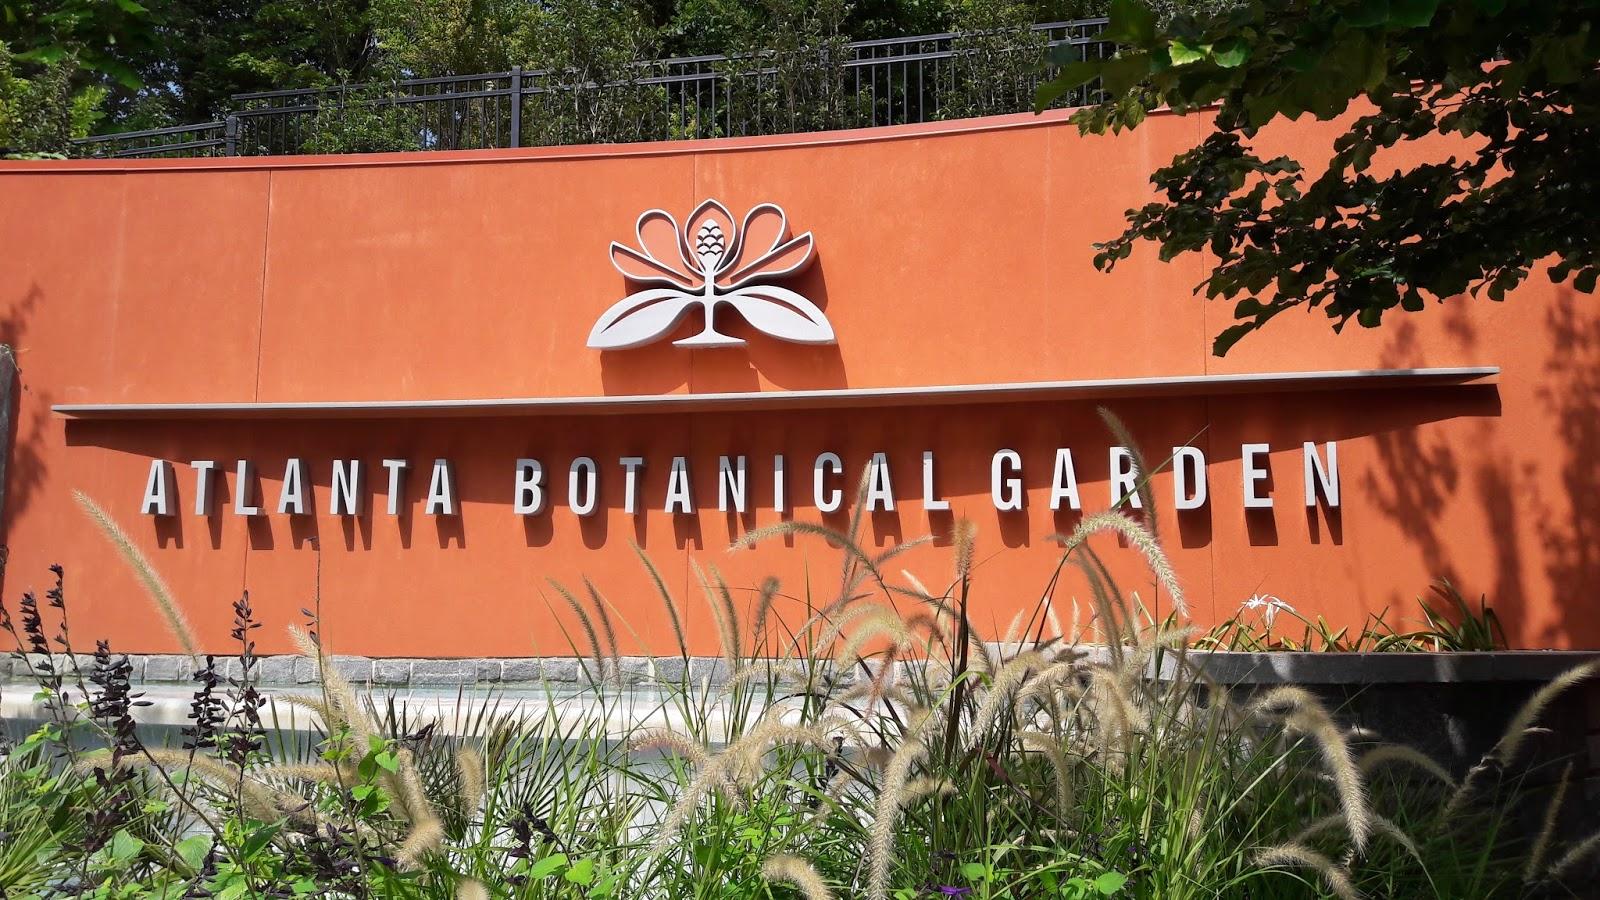 Atlanta botanical garden heartc re - Atlanta botanical garden membership ...